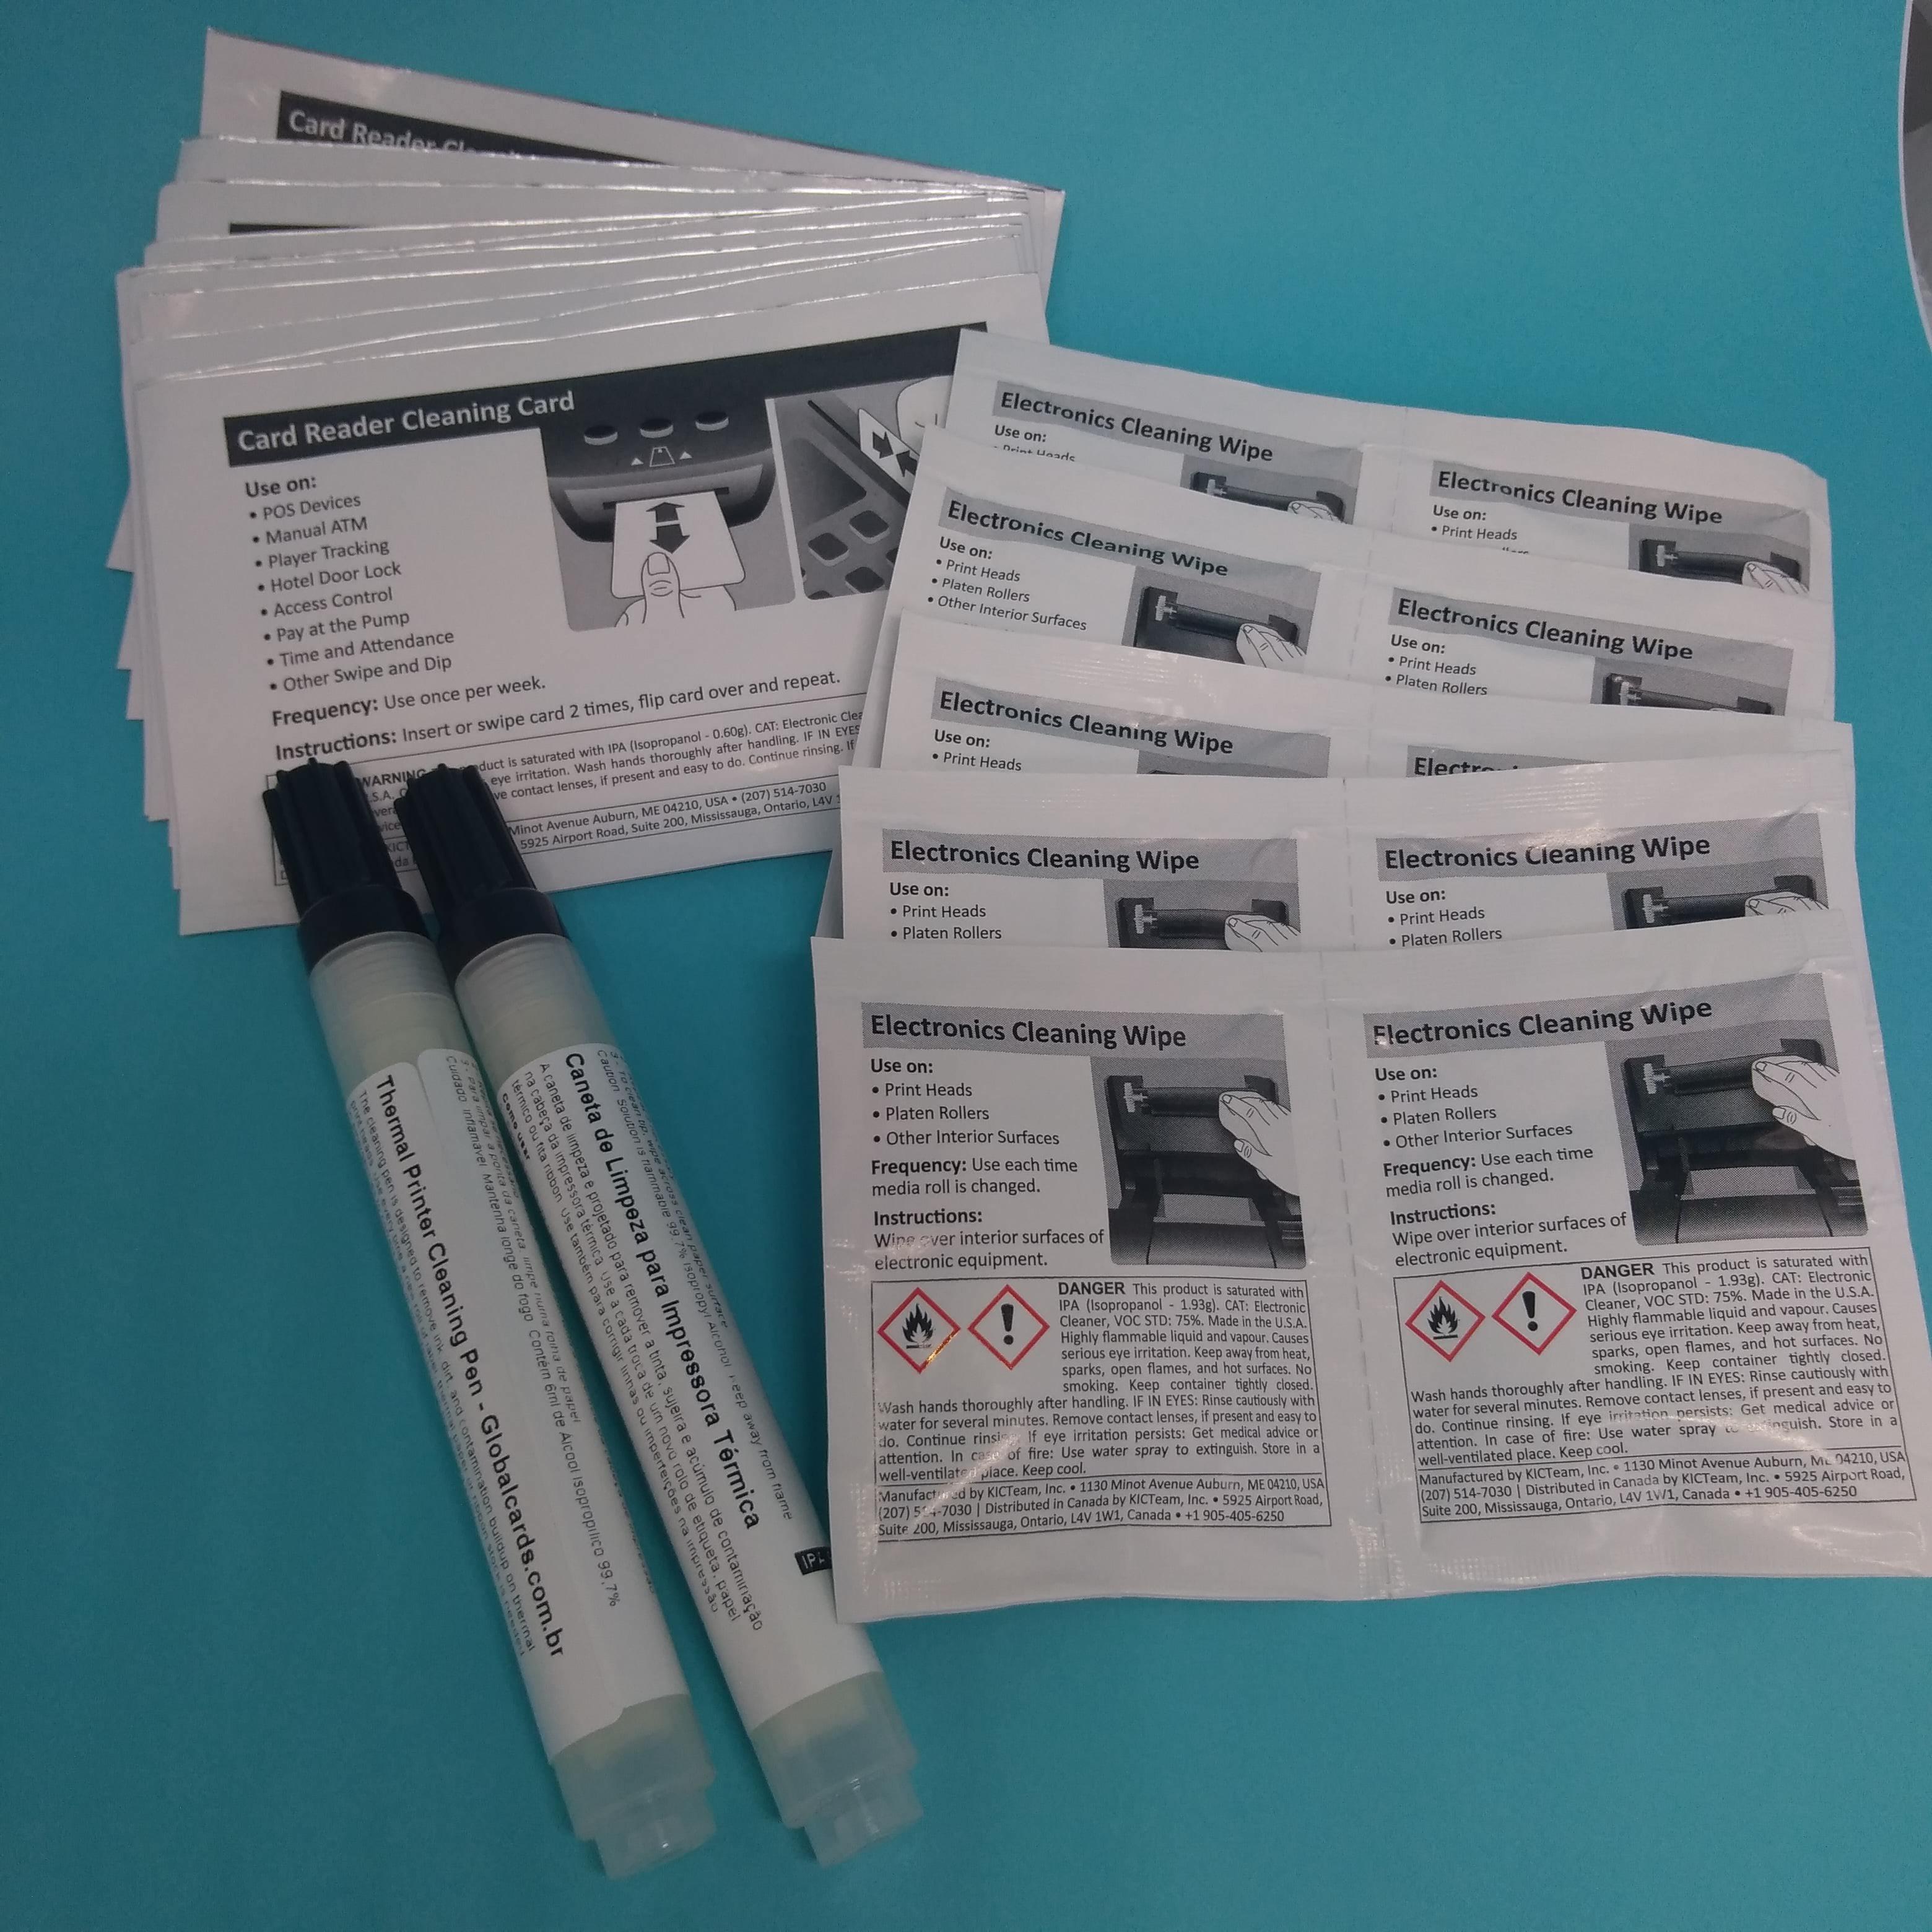 Kit de Limpeza Fargo 86003 - 2 cotonetes , 10 cartões , 10 lenços, DTC1000, DTC4000, DTC4500